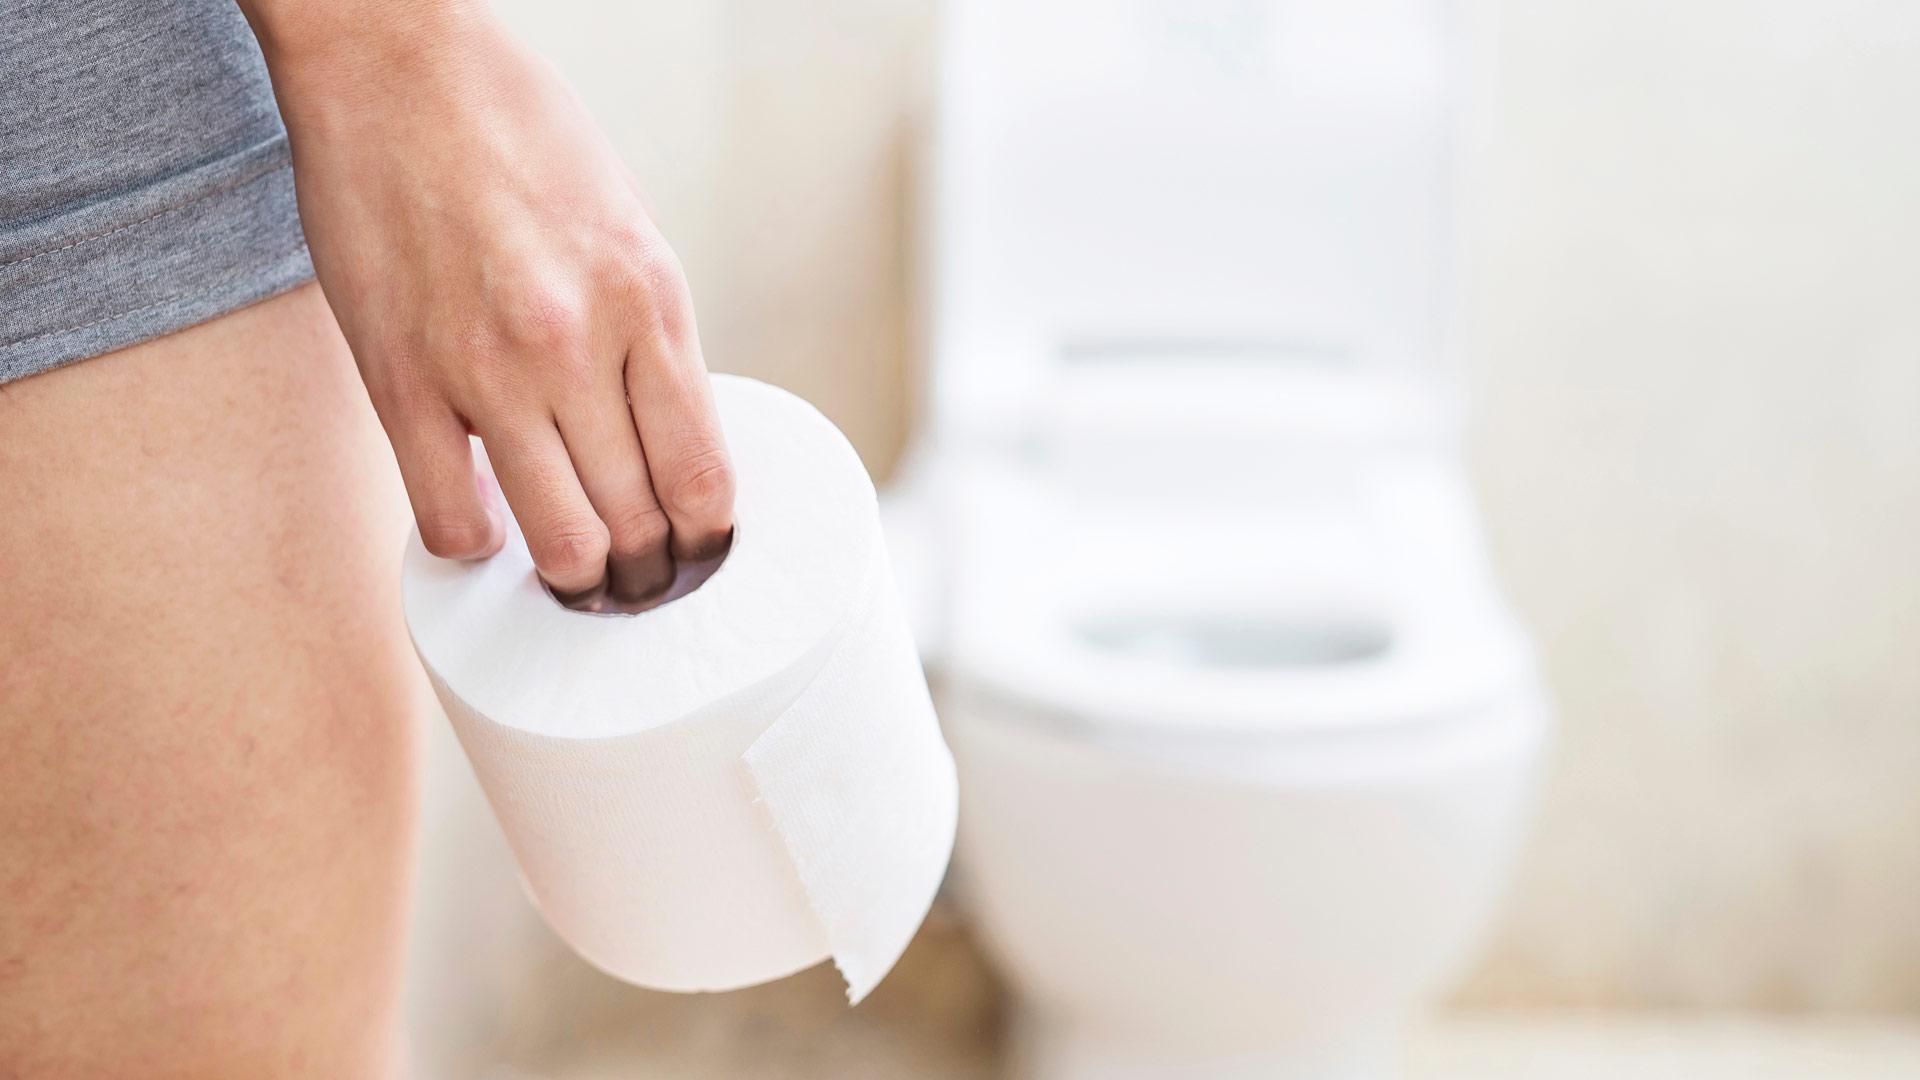 Monen vatsasairauden ensioireita ovat yleensä suolen toiminnan muutokset.